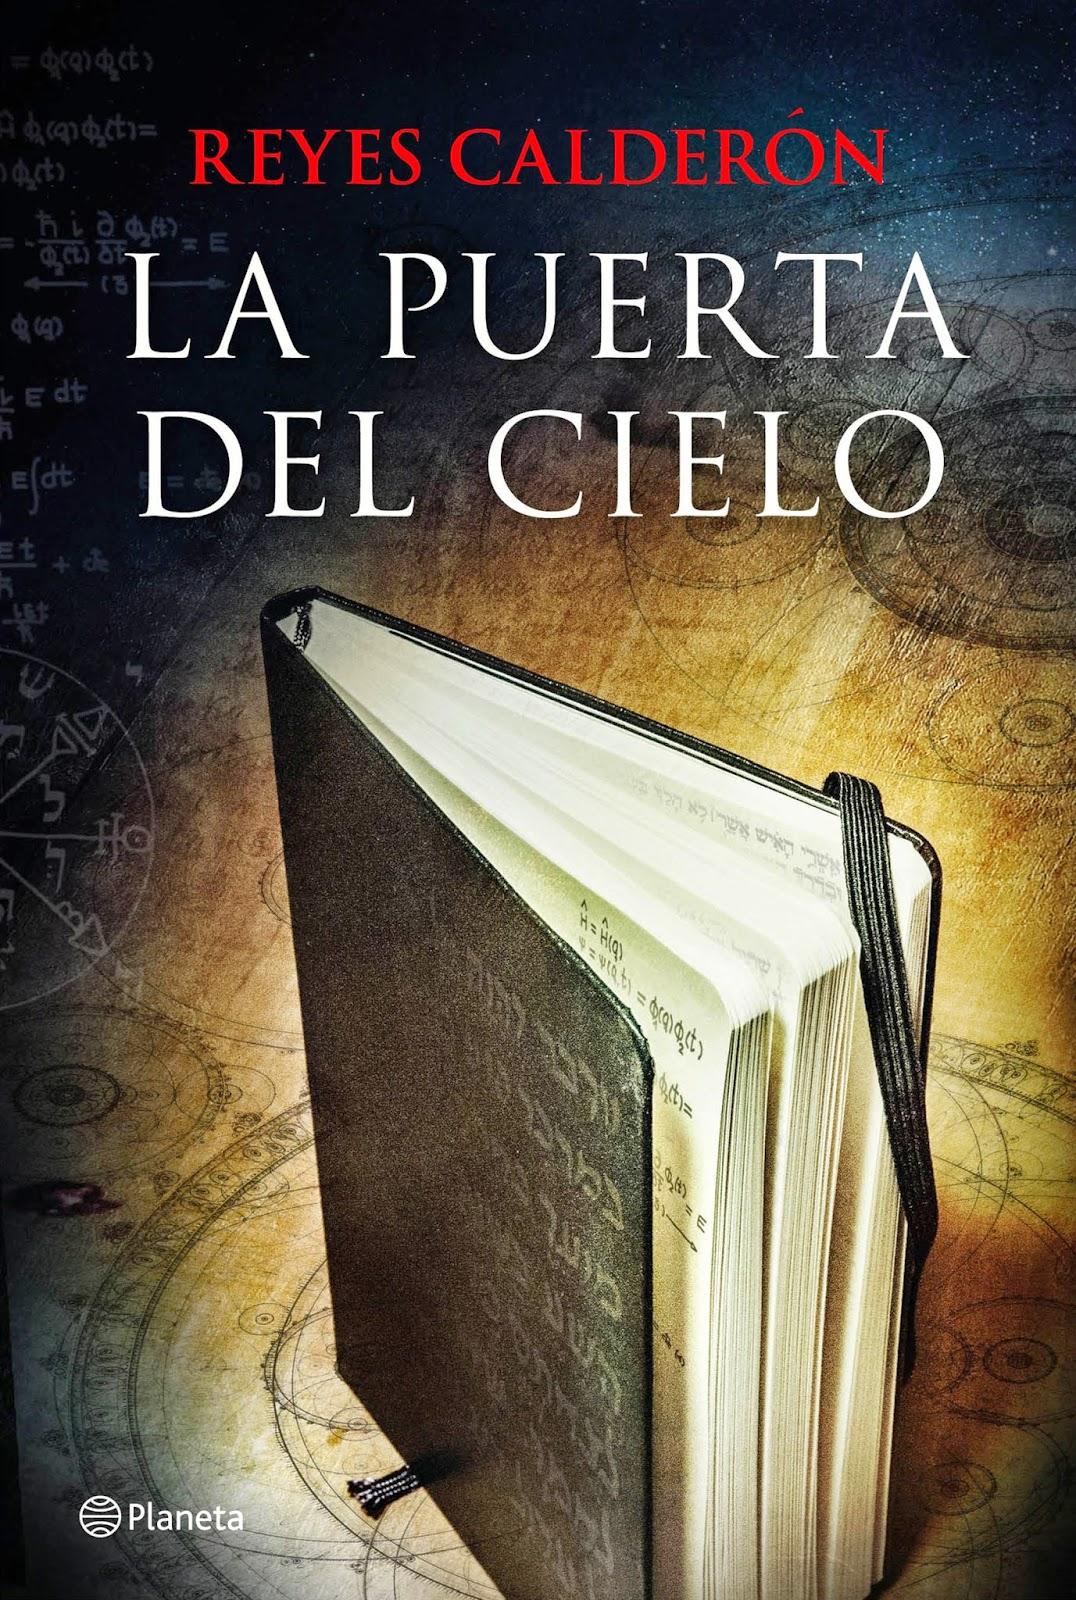 Día del Libro: La Puerta del cielo, de Reyes Calderón Cuadrado.